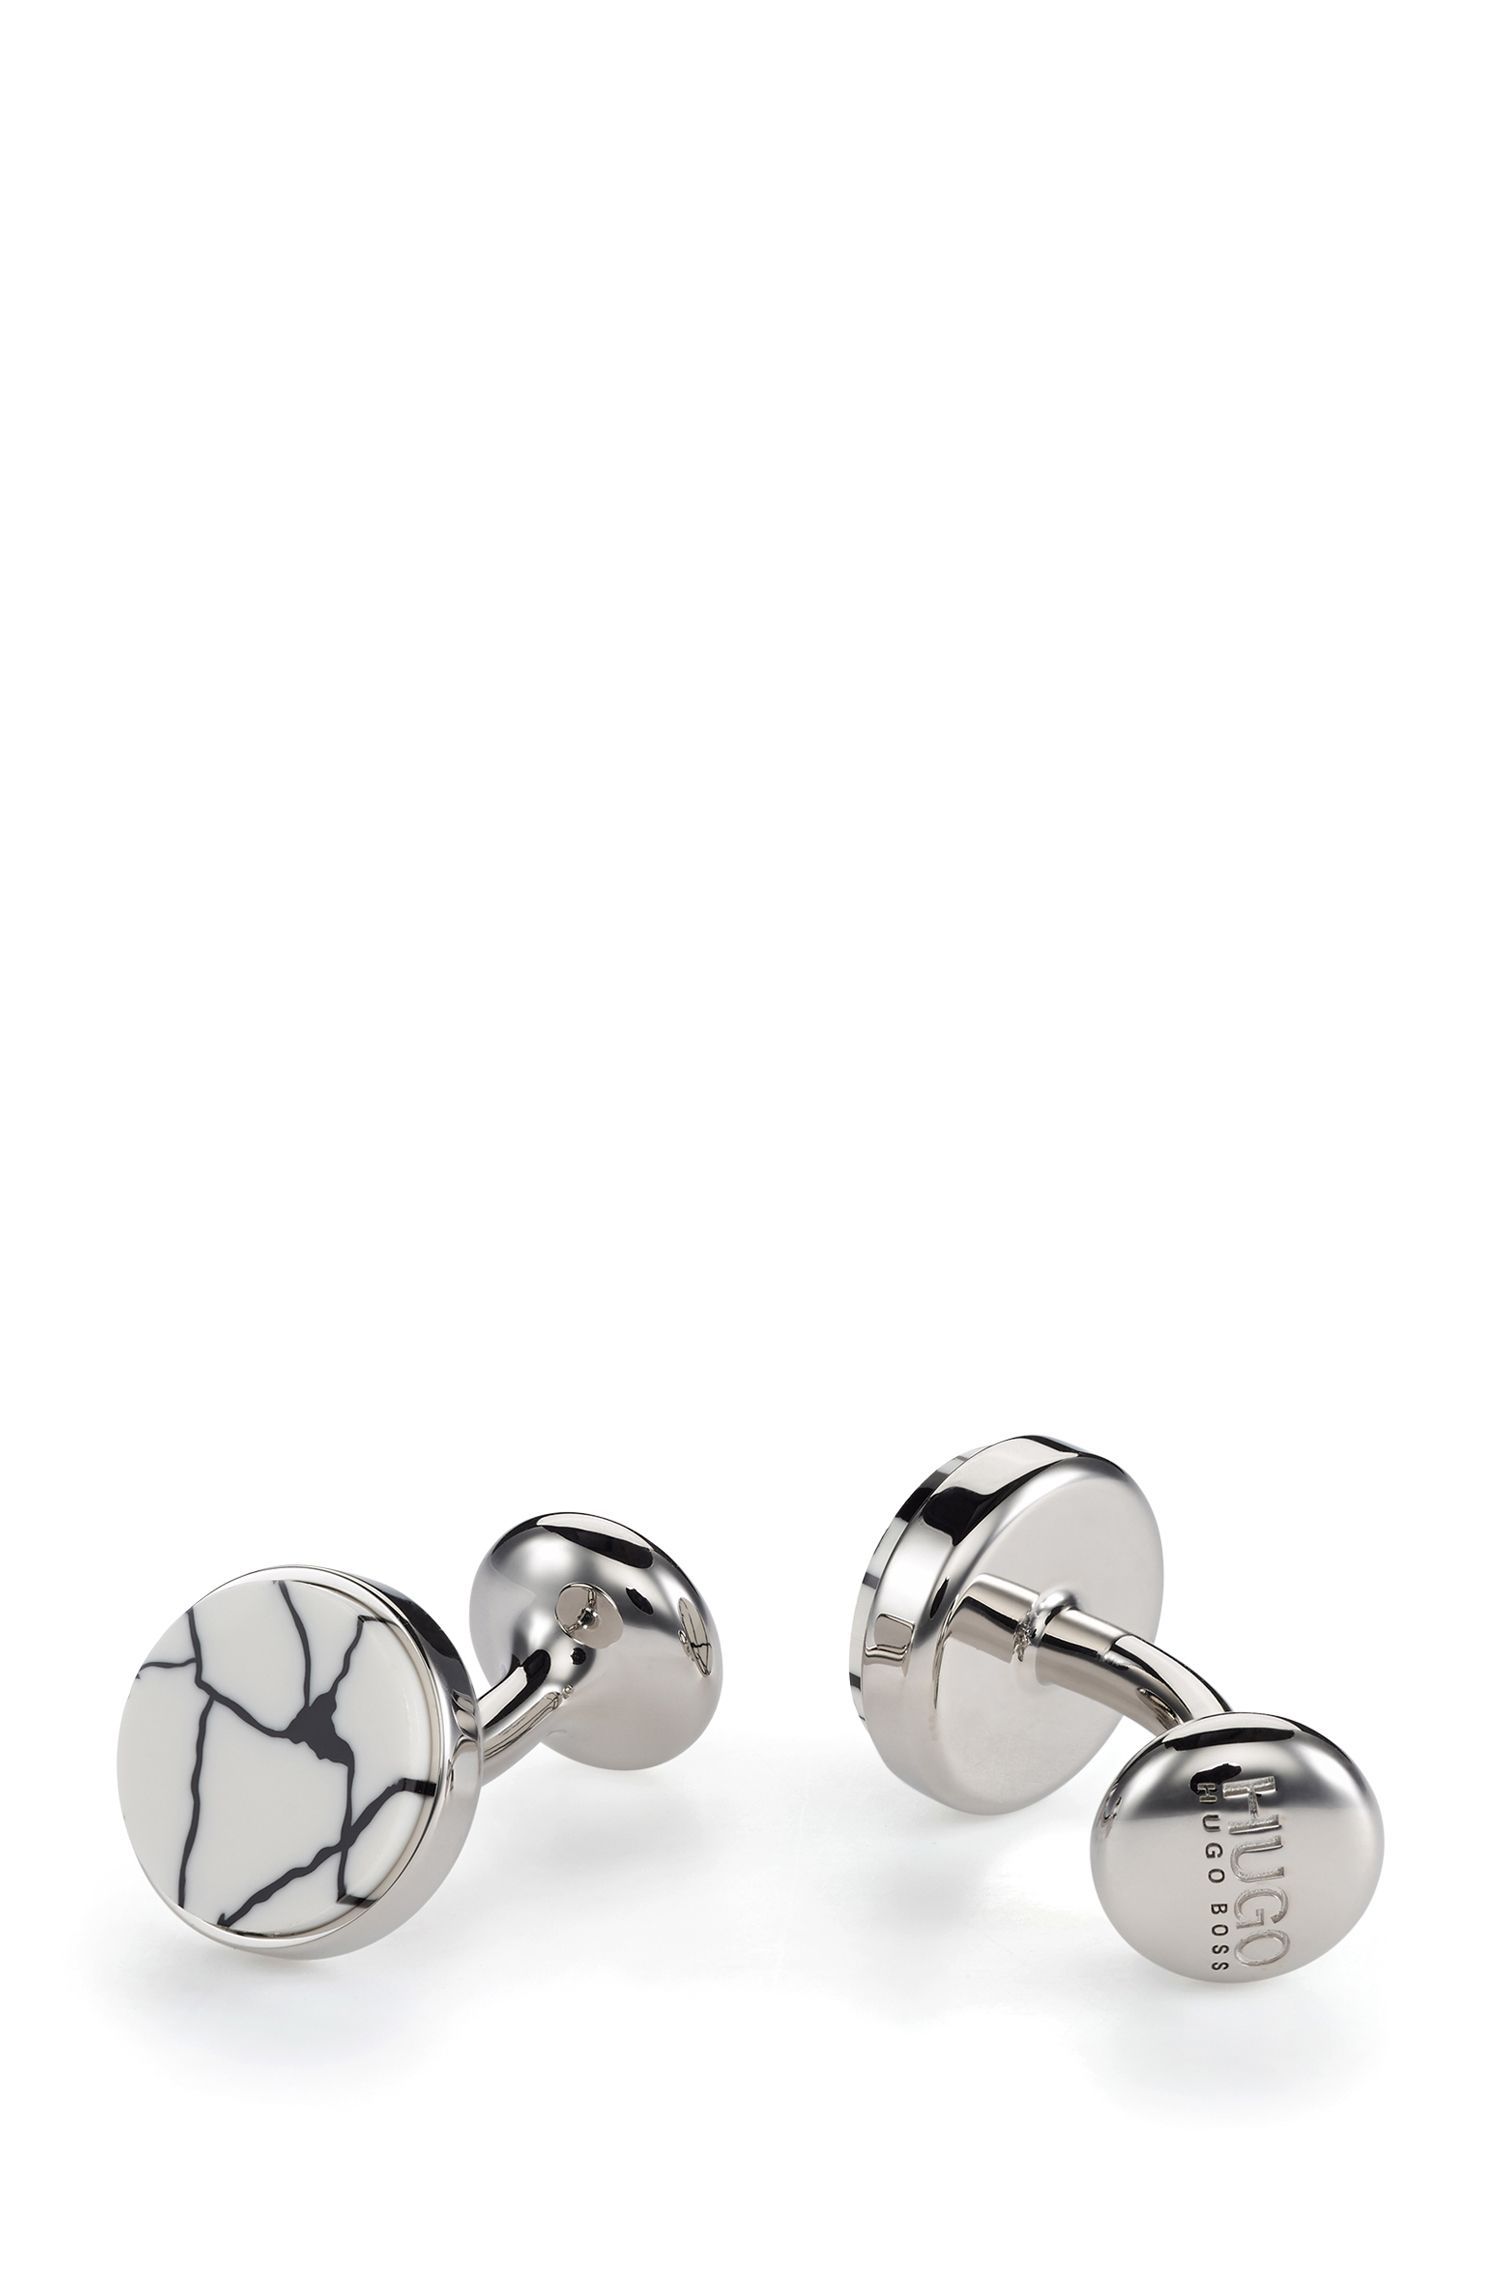 Runde Manschettenknöpfe aus Messing mit marmoriertem Emaille-Einsatz